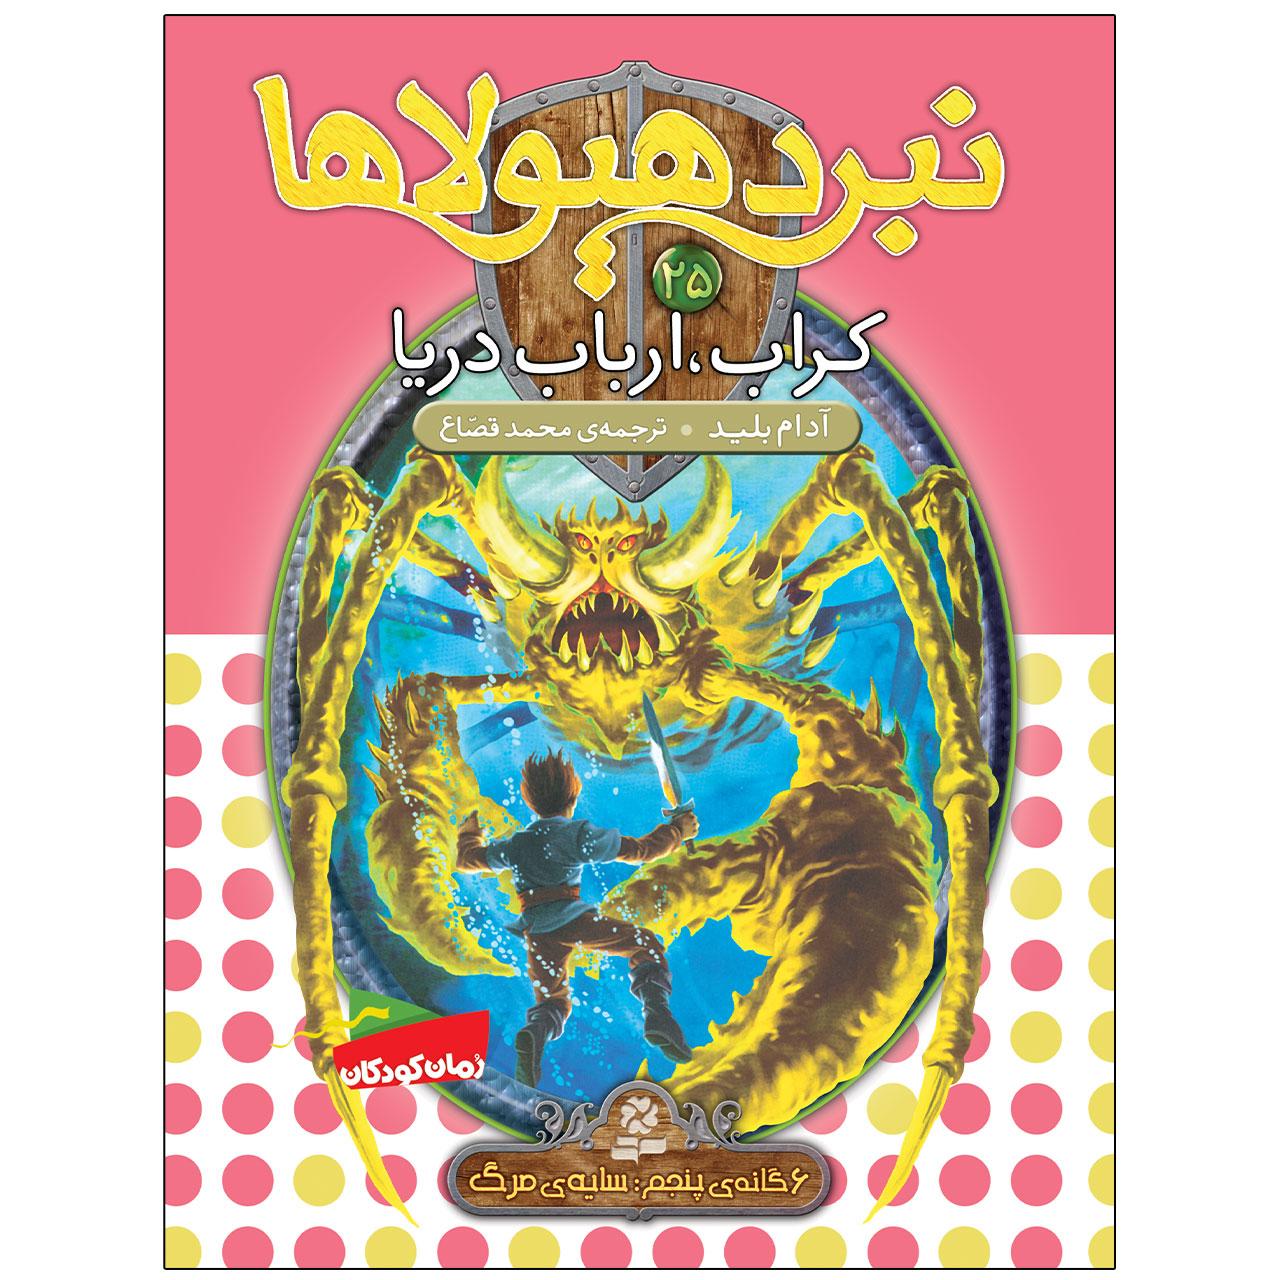 کتاب نبرد هيولاها 25 کراب ارباب دريا اثر آدام بلید انتشارات قدیانی